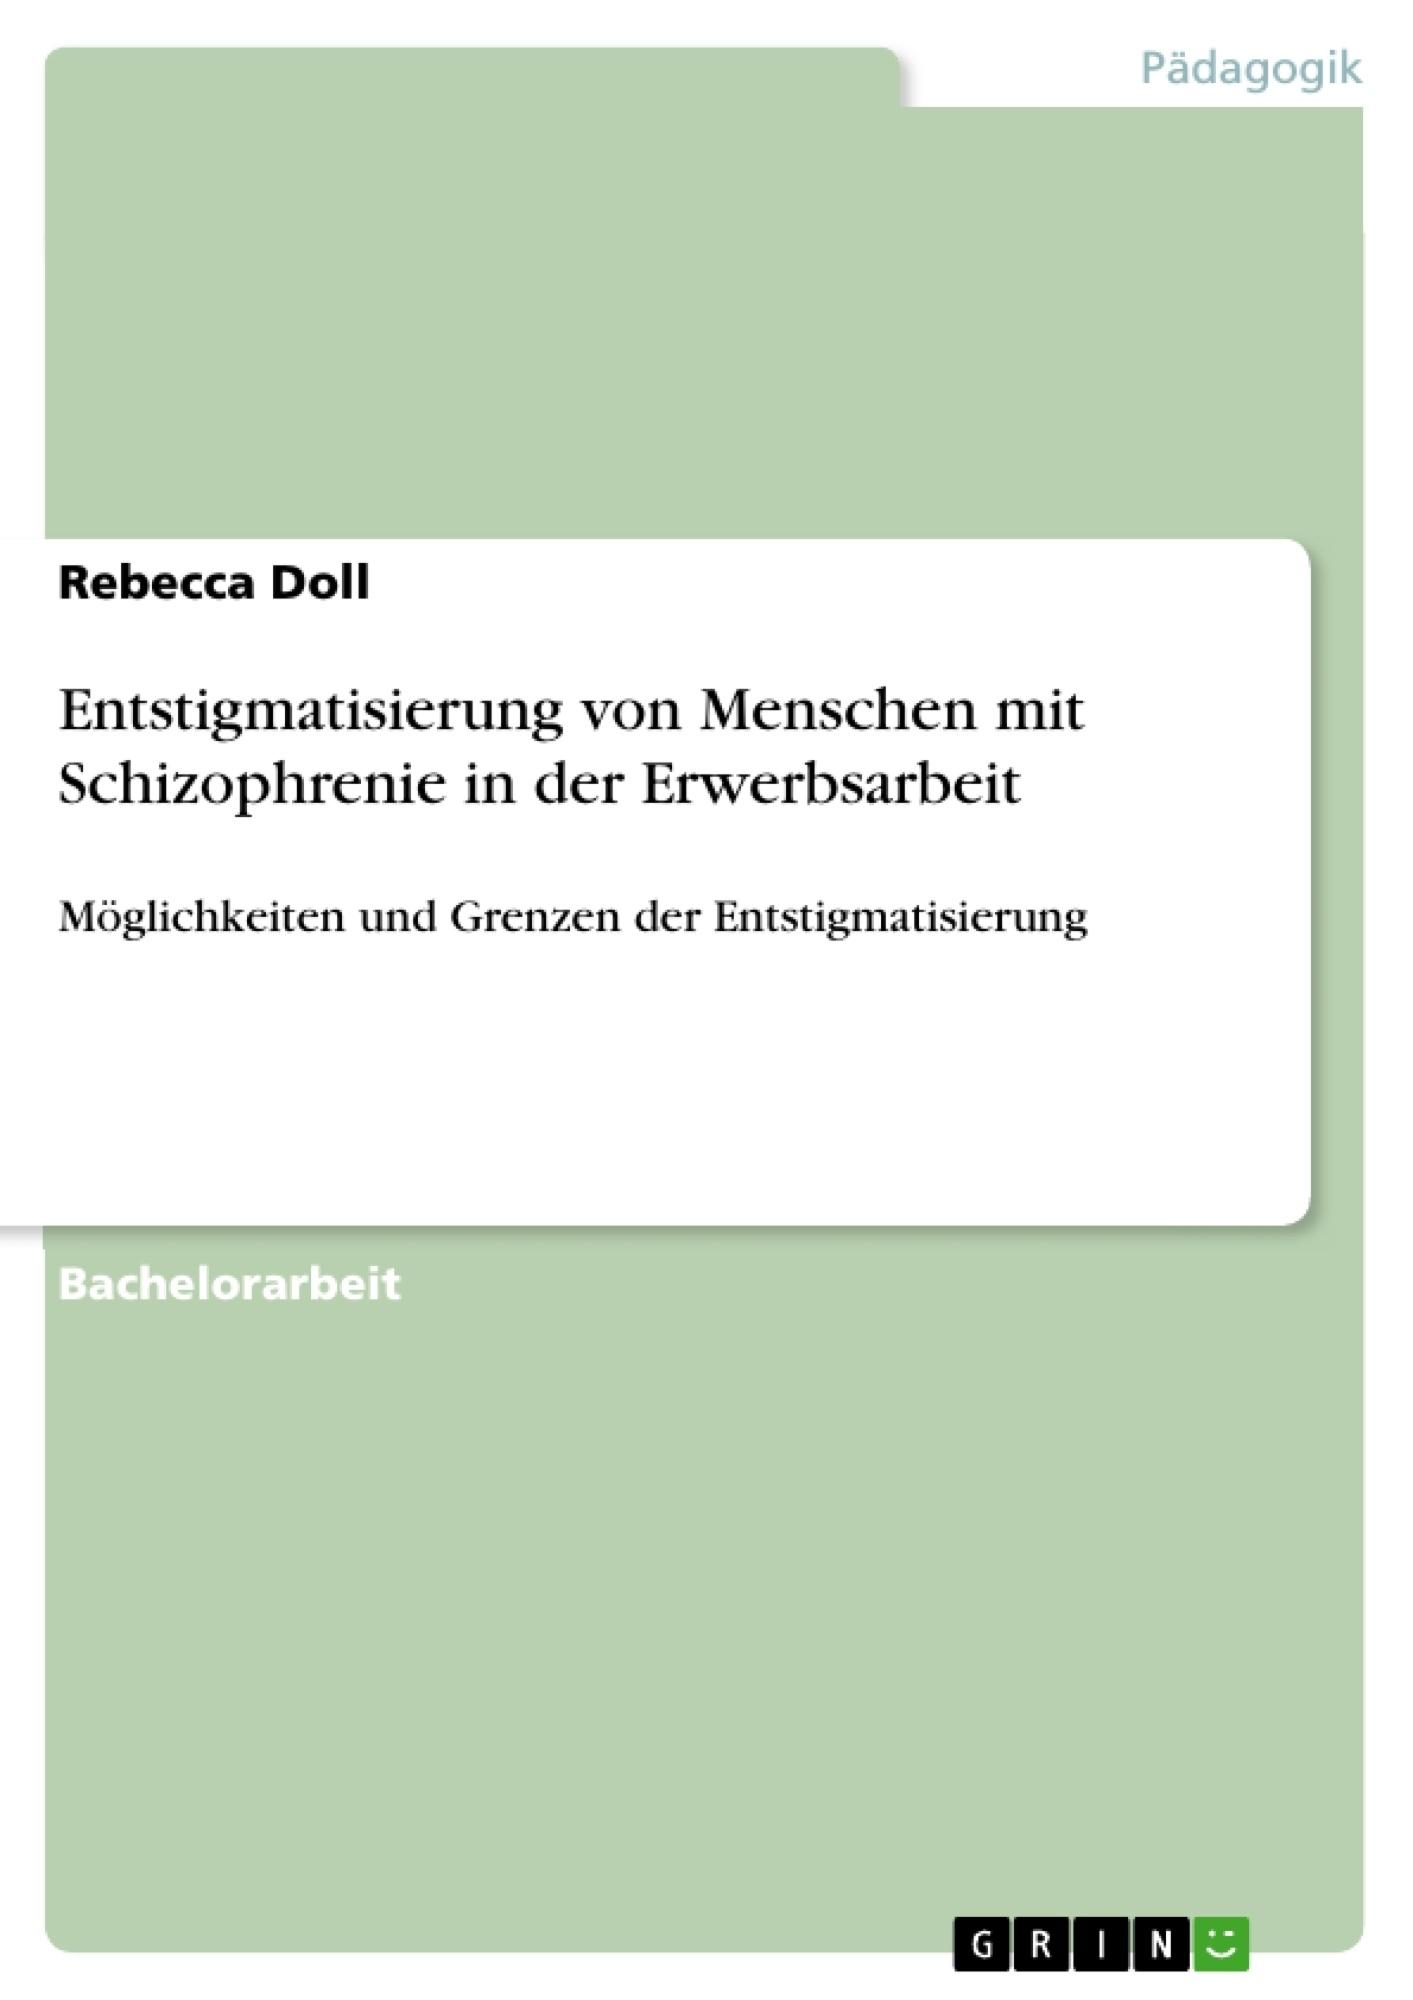 Titel: Entstigmatisierung von Menschen mit Schizophrenie in der Erwerbsarbeit